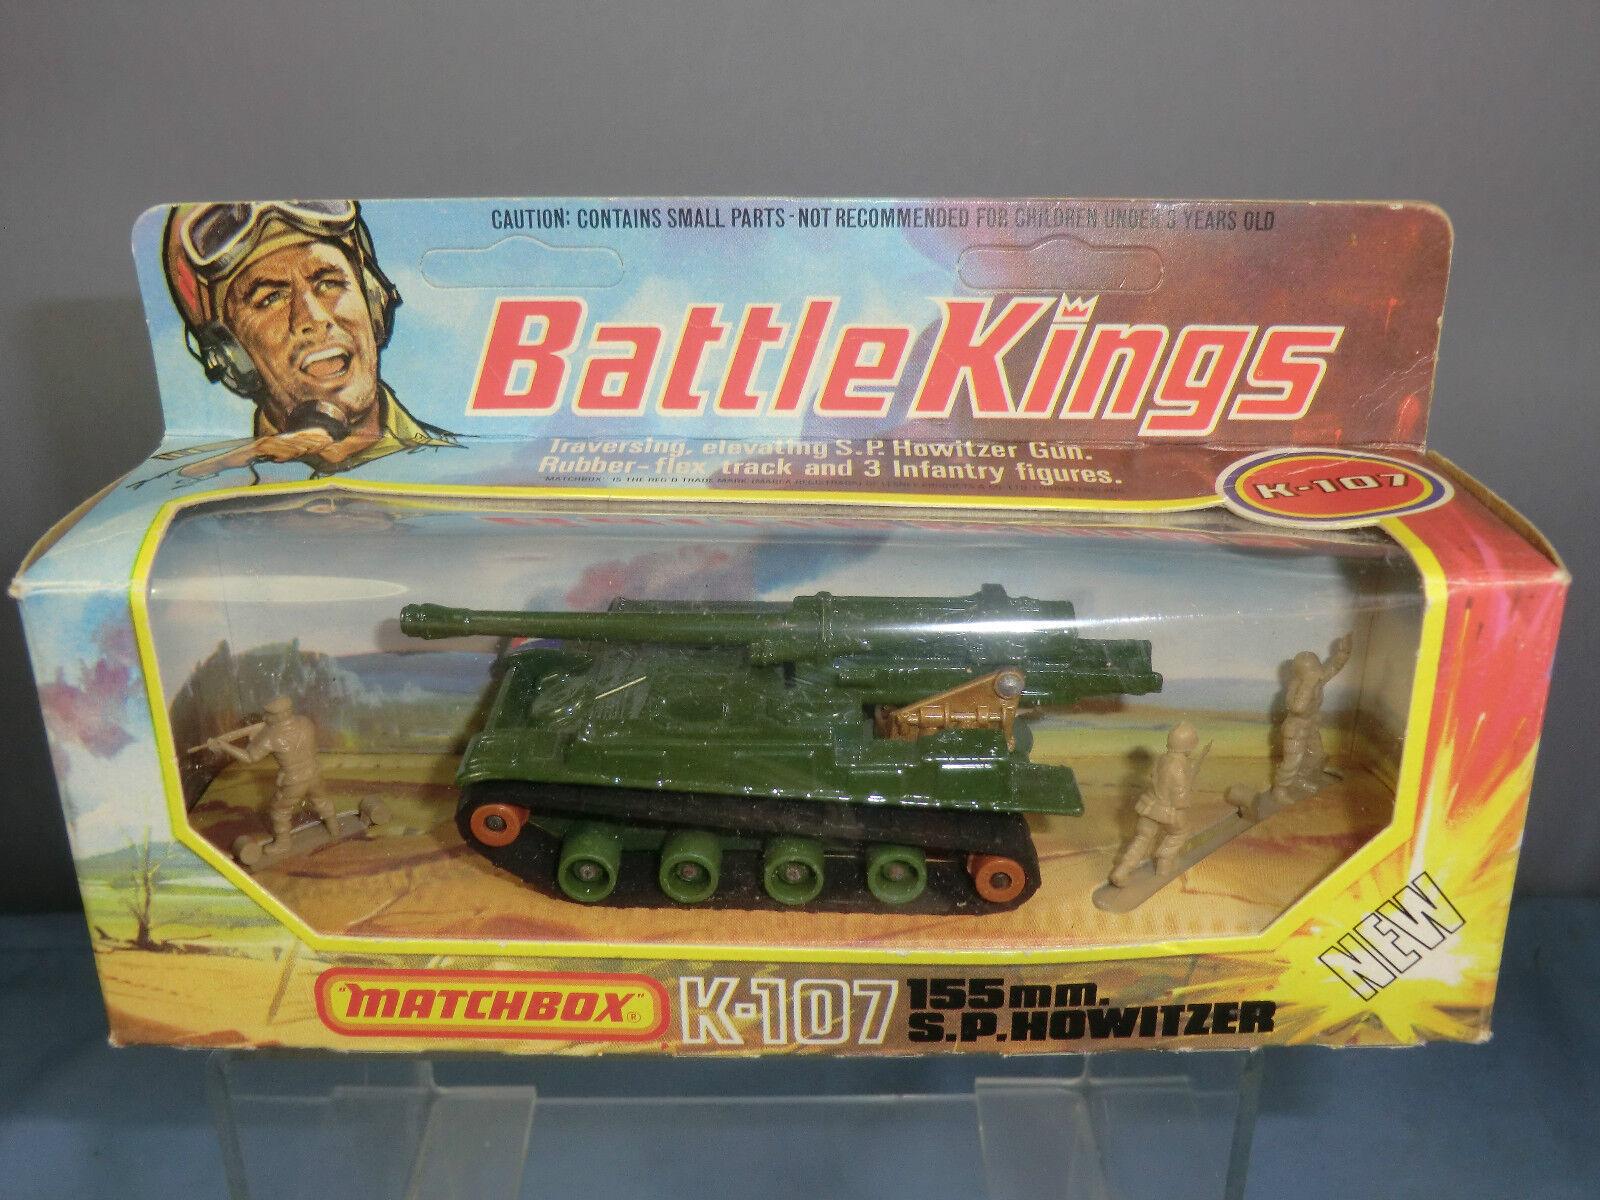 Matchbox Battle Kings modèle No.K-107  155mm  S.P. Howitzer VN En parfait état, dans sa boîte